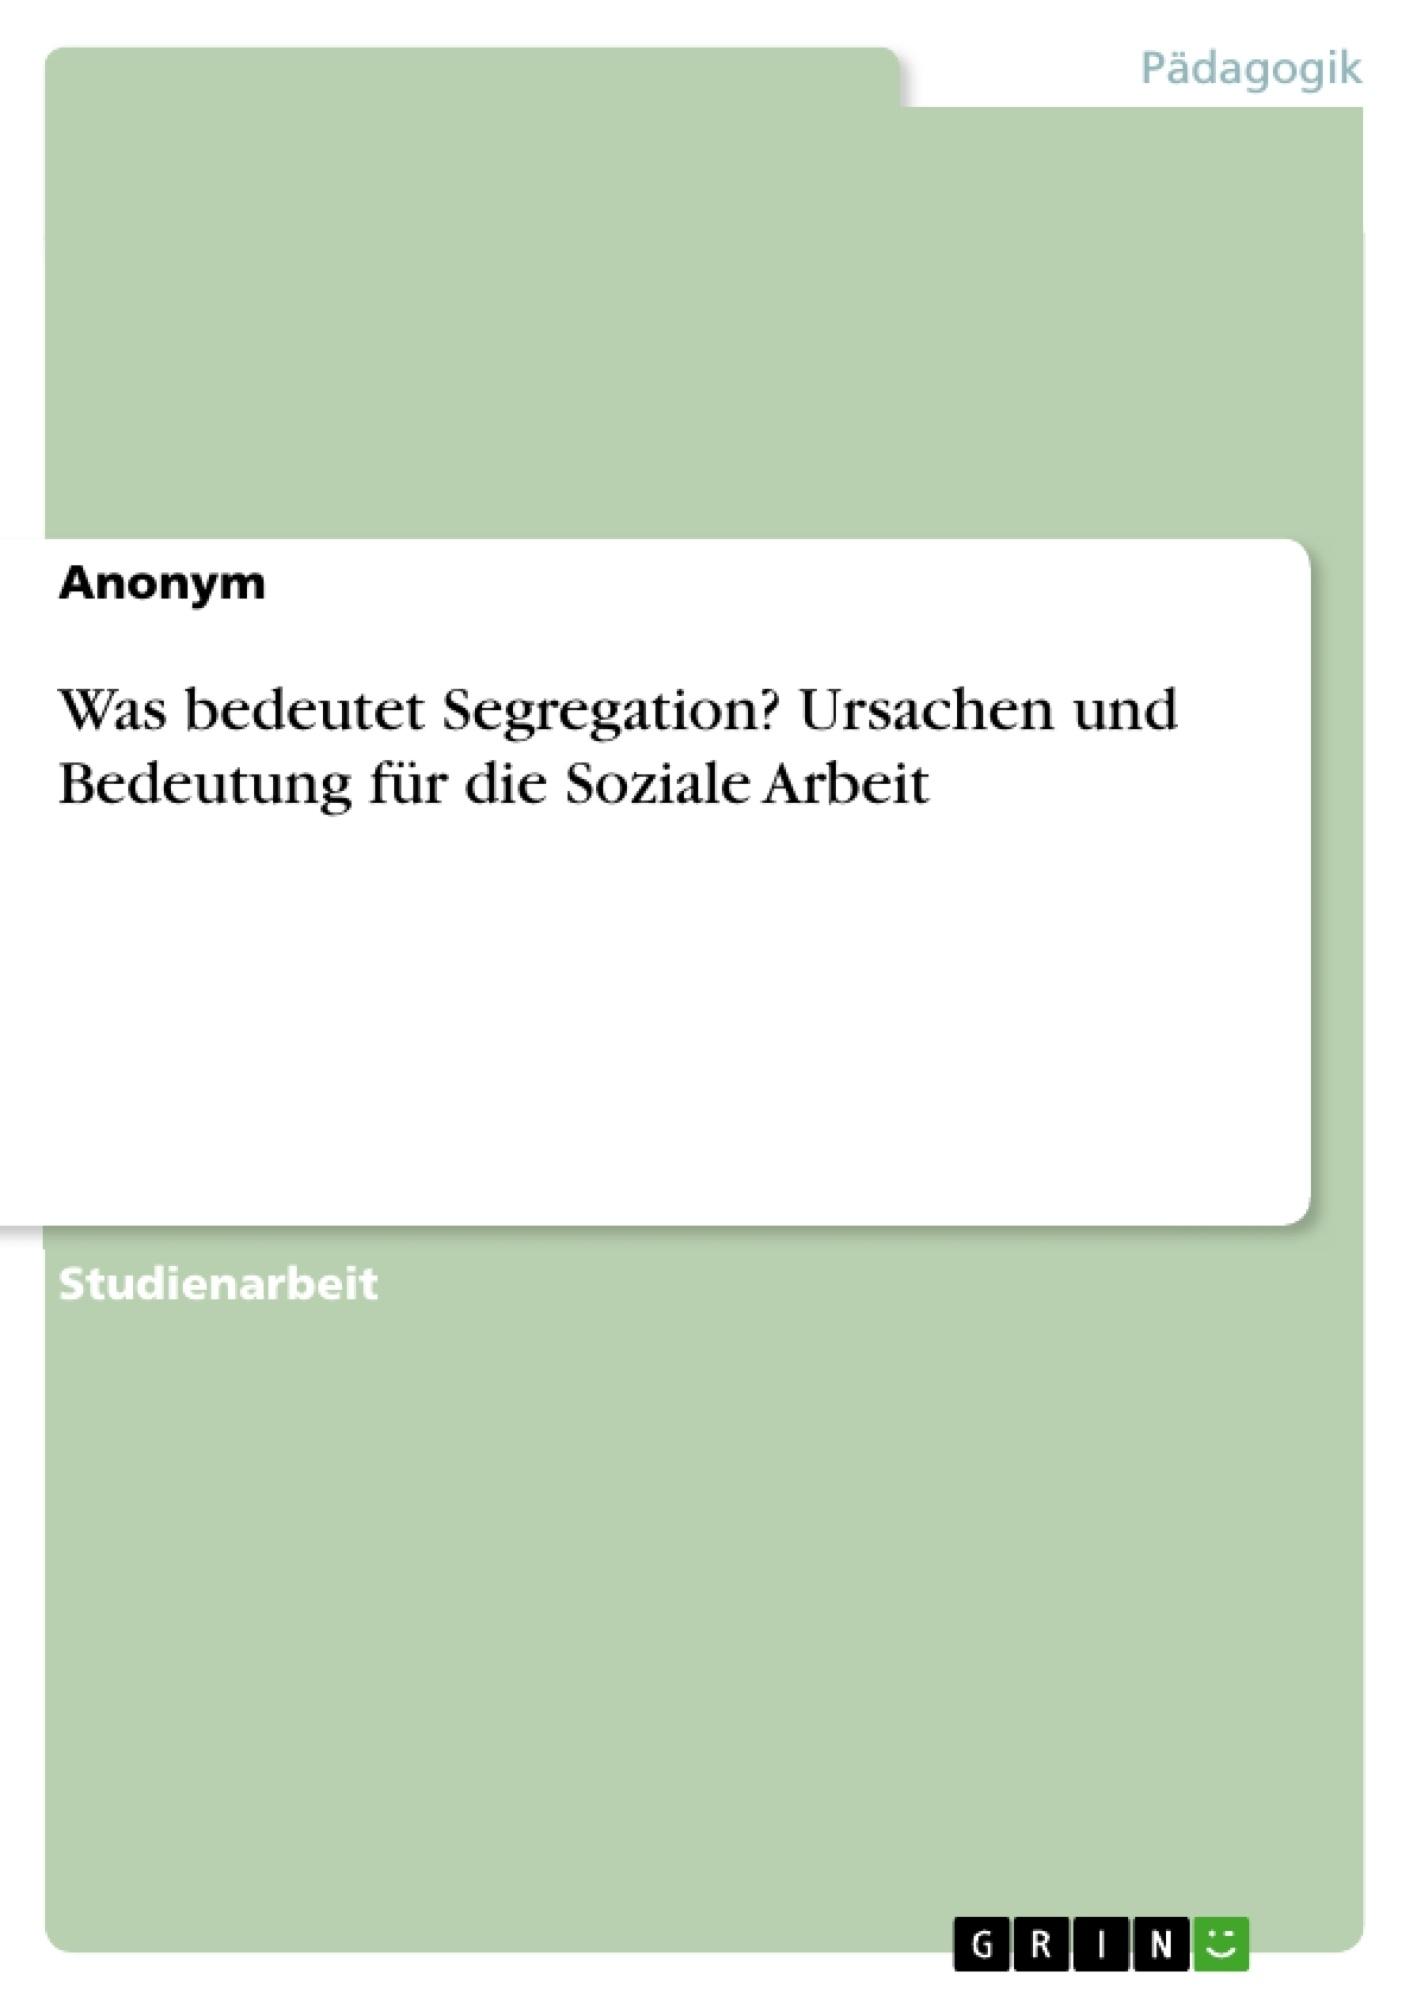 Titel: Was bedeutet Segregation? Ursachen und Bedeutung für die Soziale Arbeit